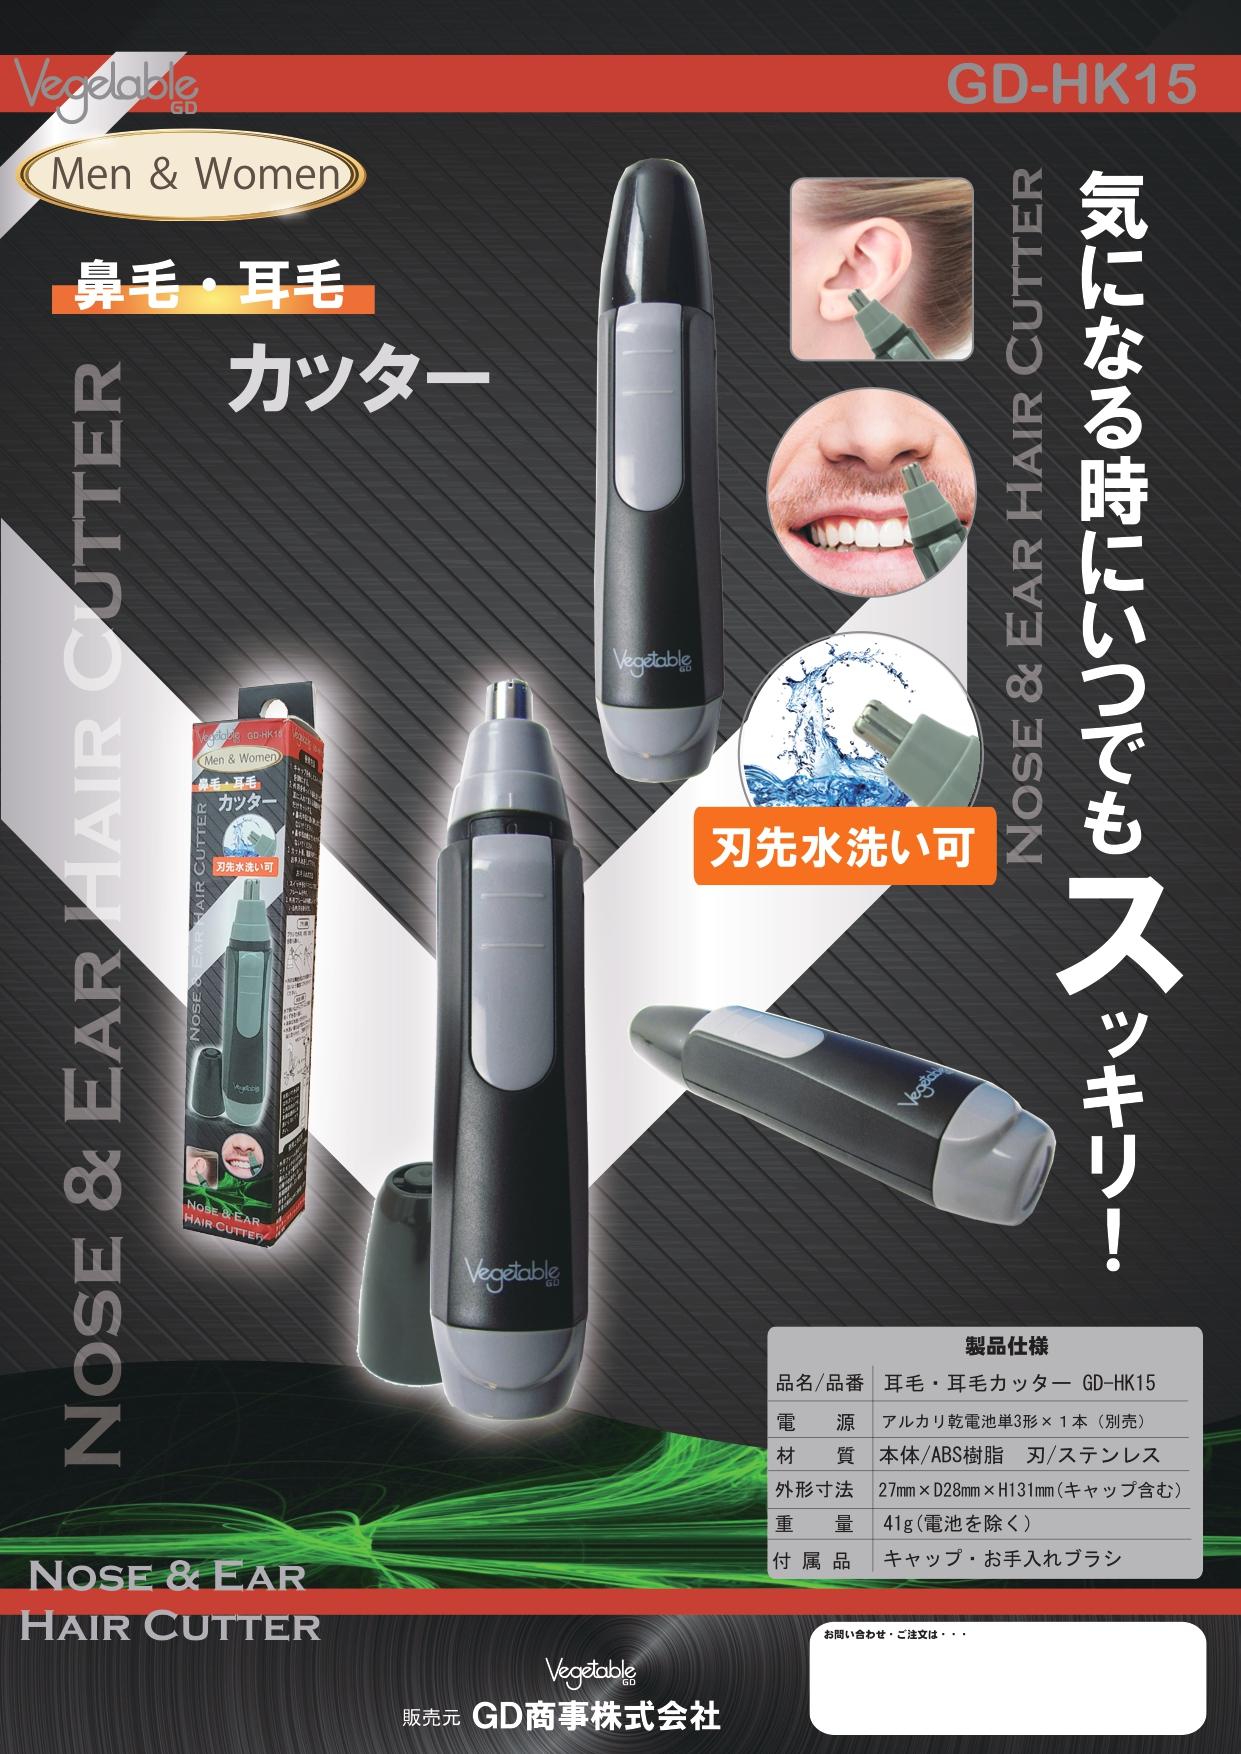 GD-HK15